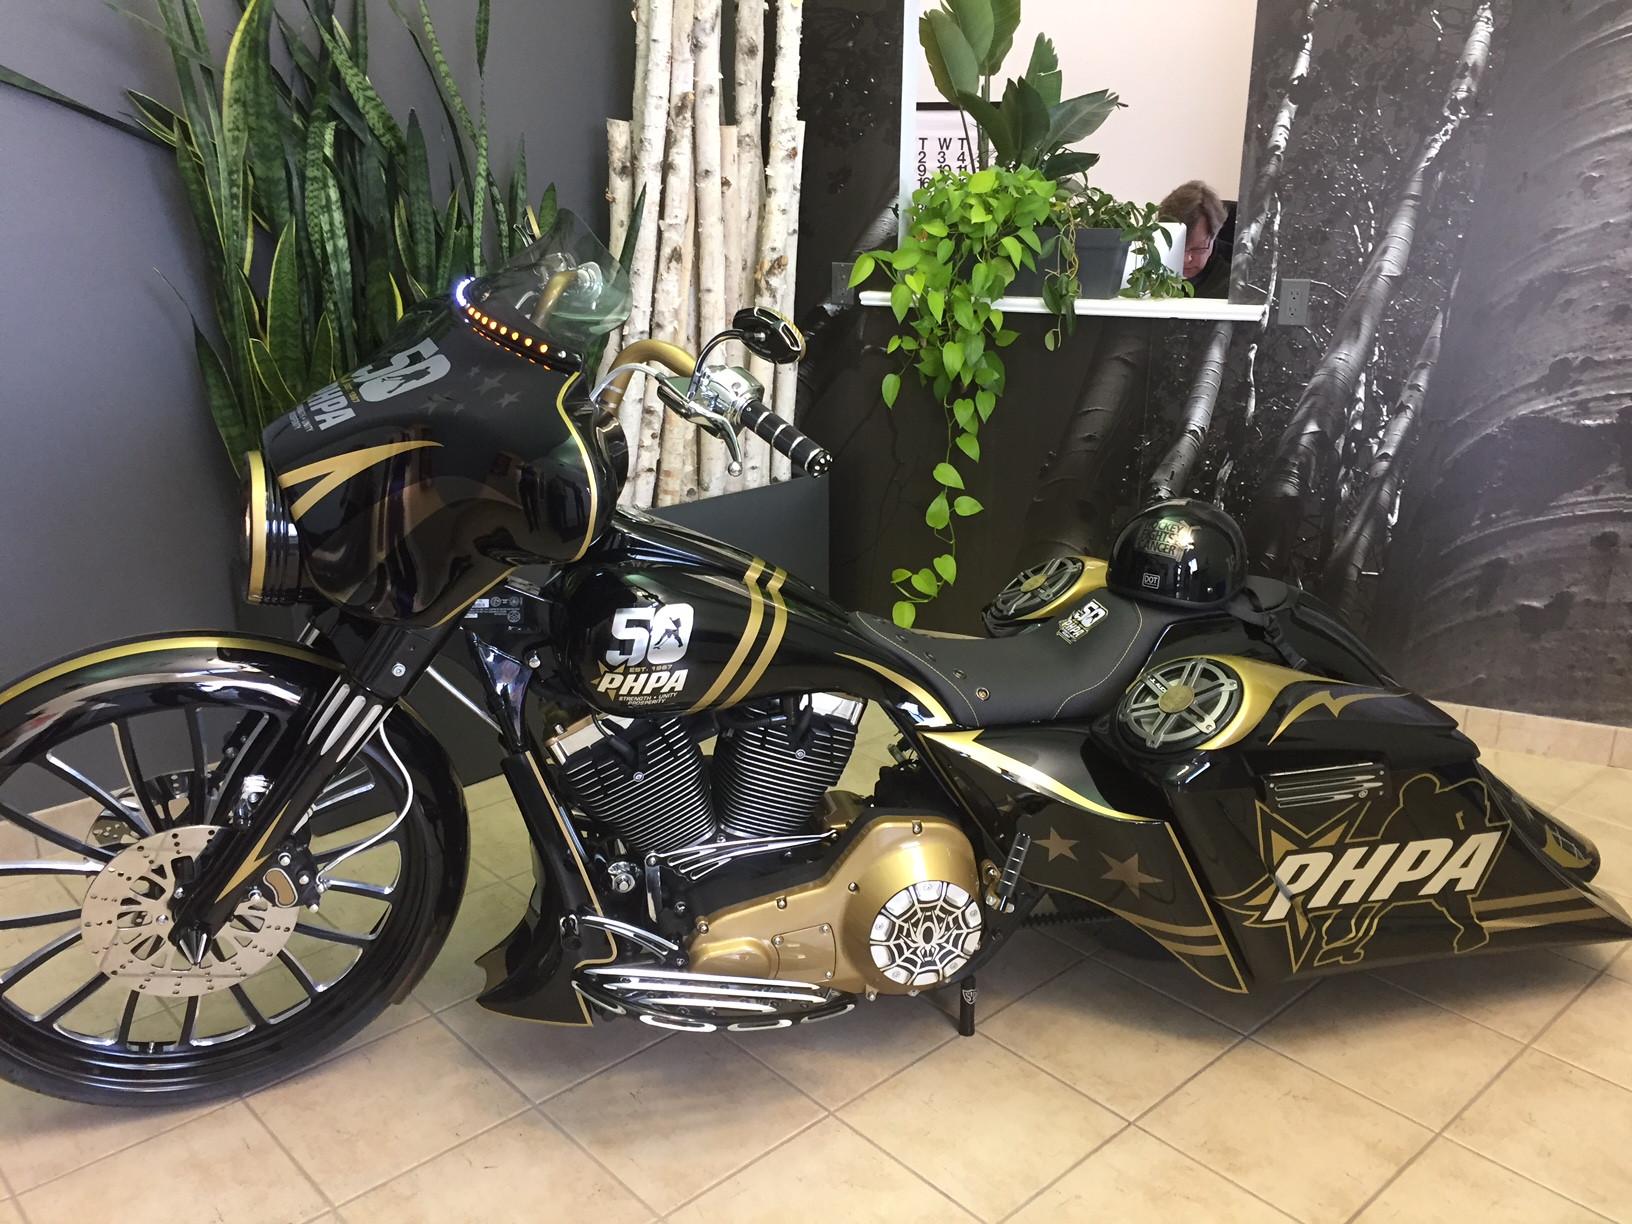 PHPA Harley